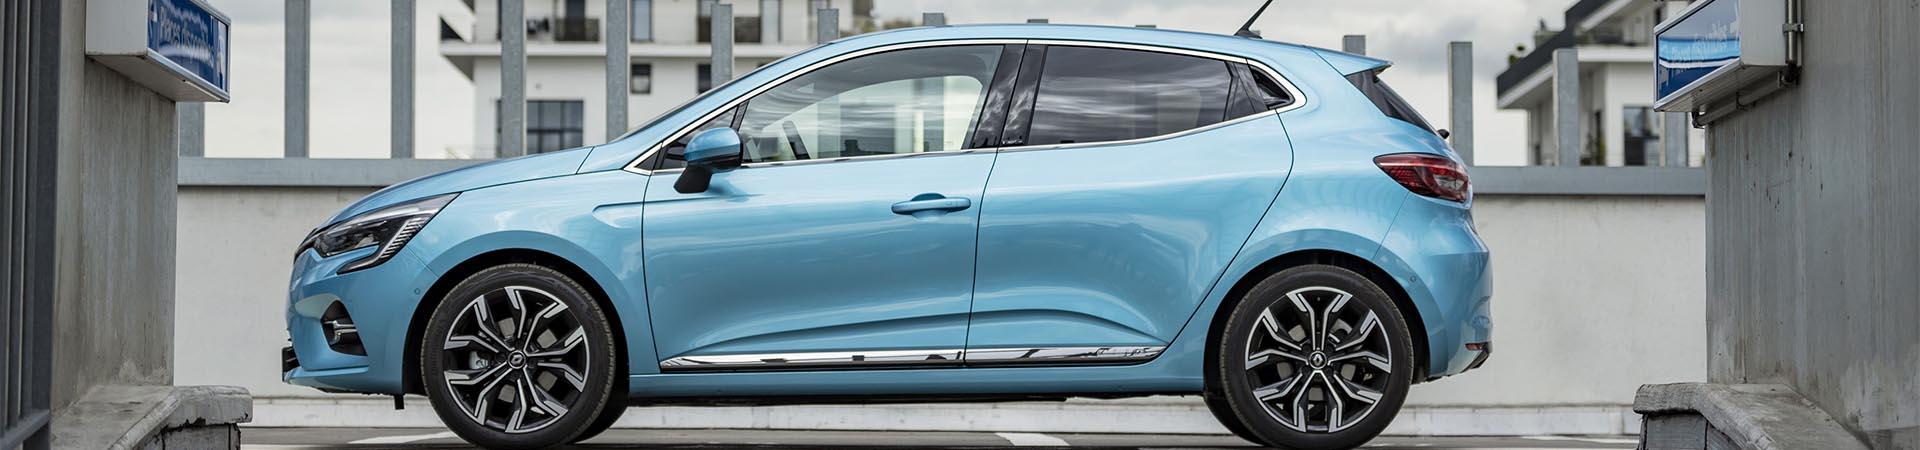 Renault Clio Hybrid Modelljahr 2020